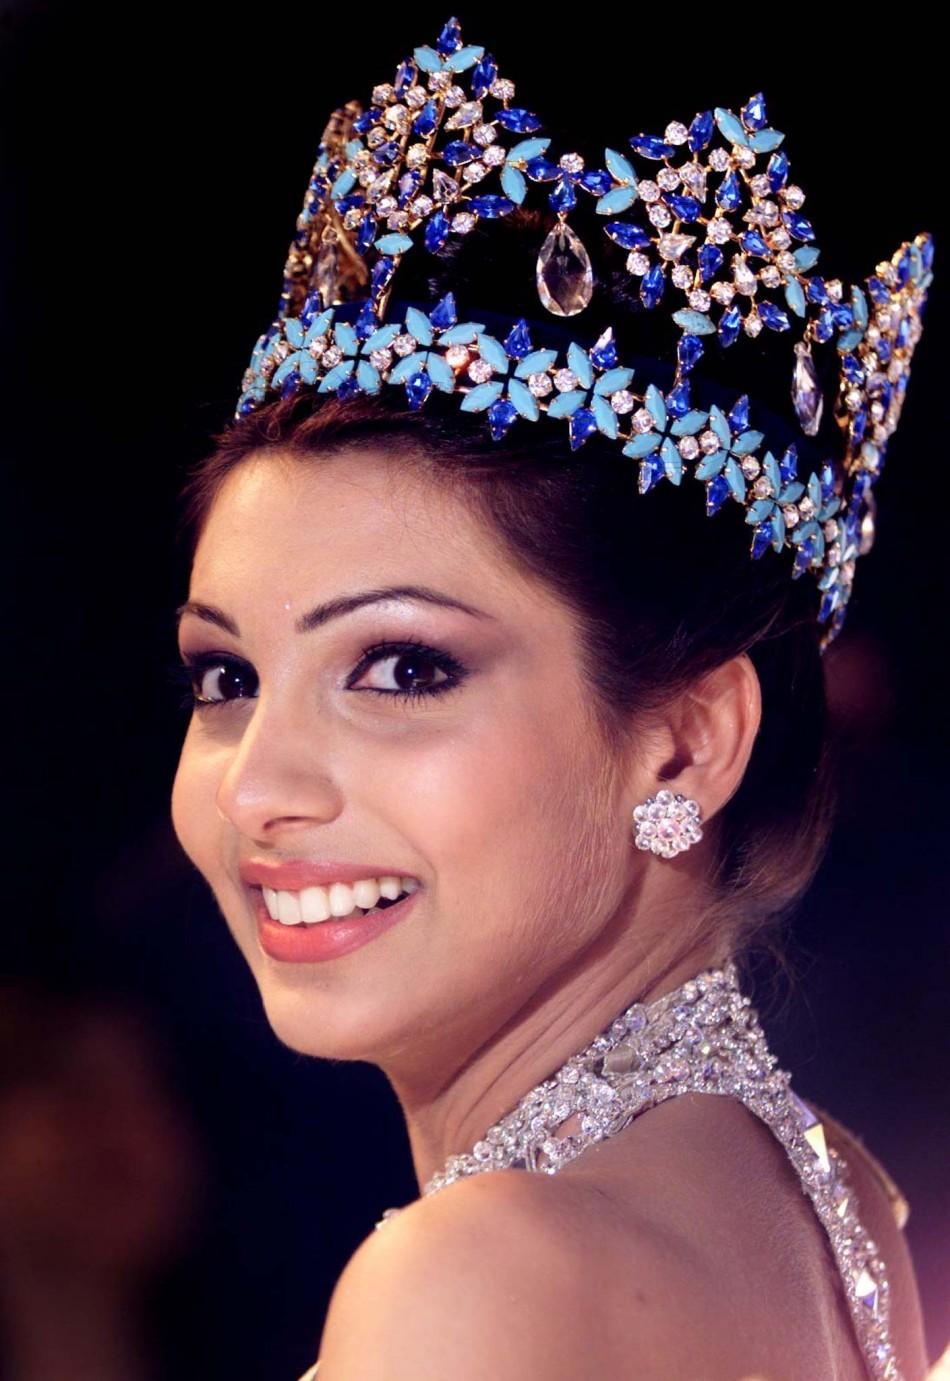 Former Miss World Yukta Mookhey